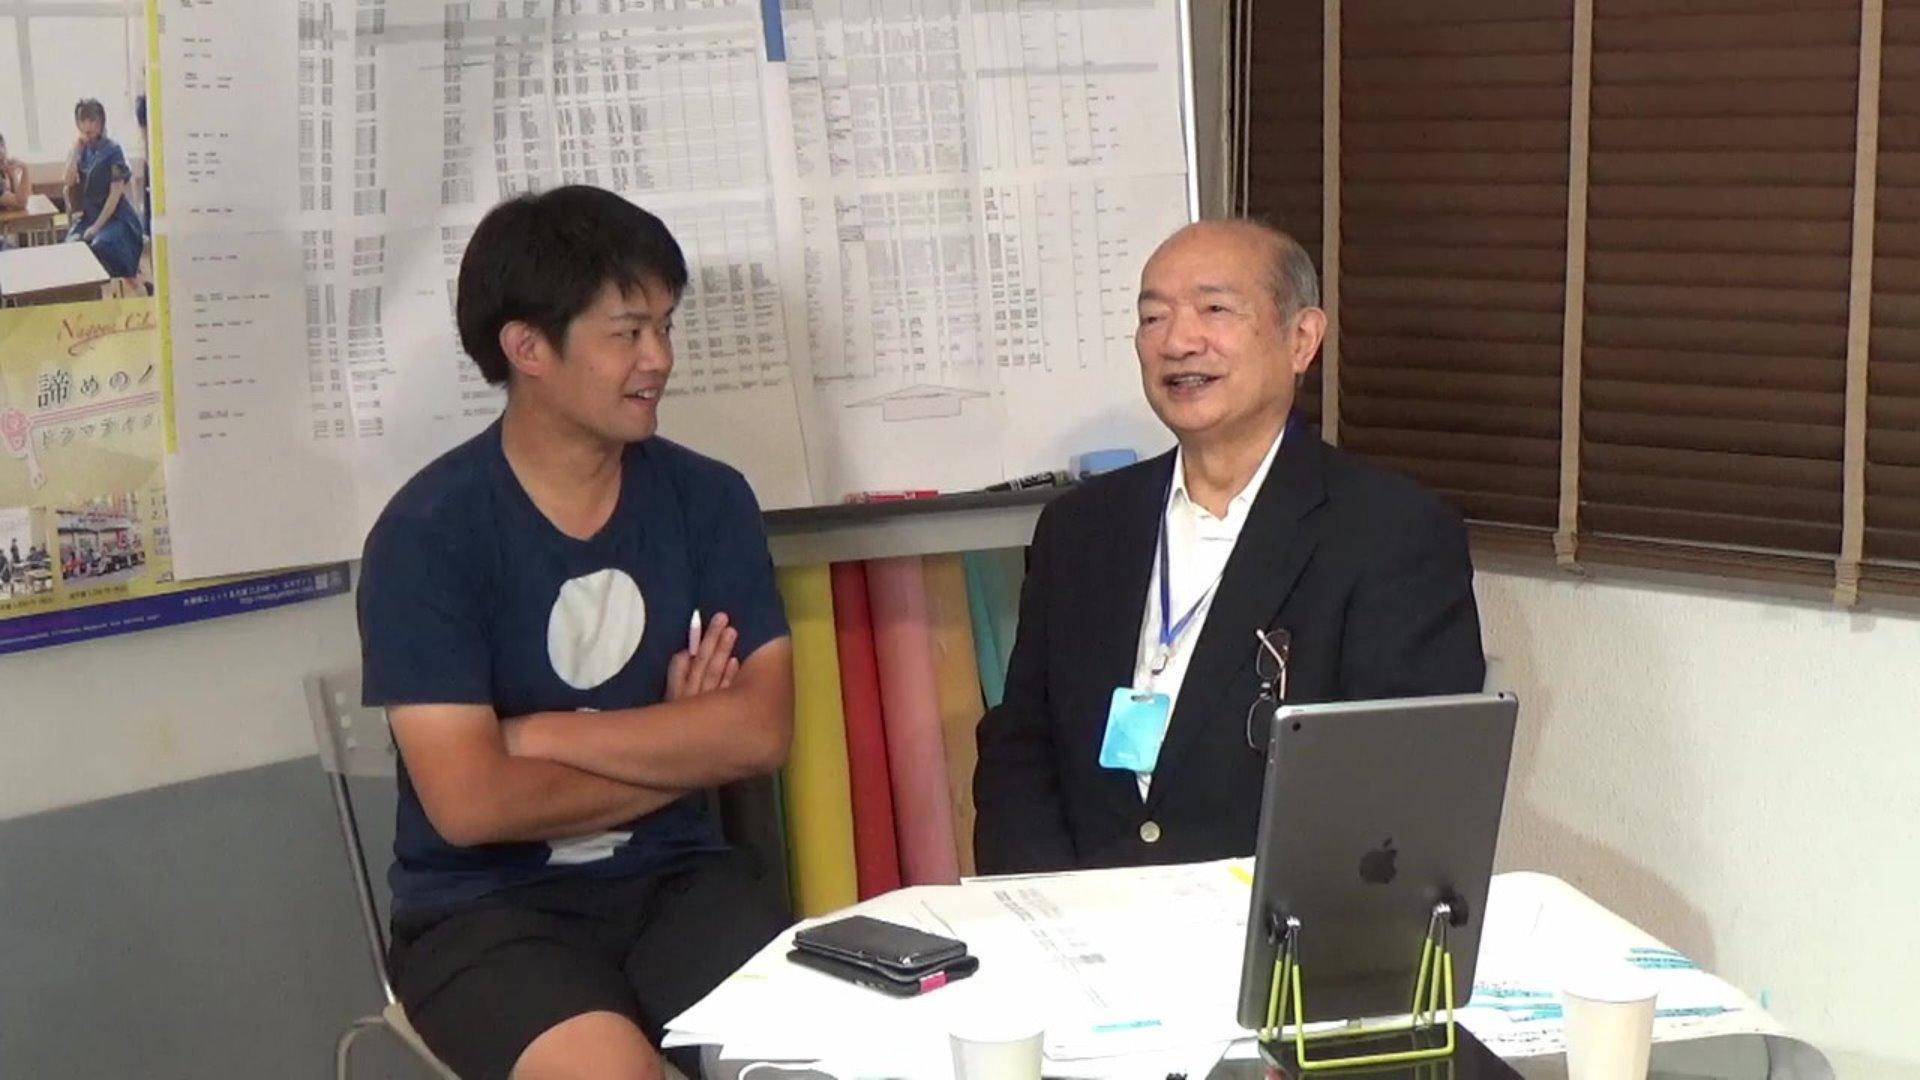 【対談】小塚嗣彦先生(2020.6.19)